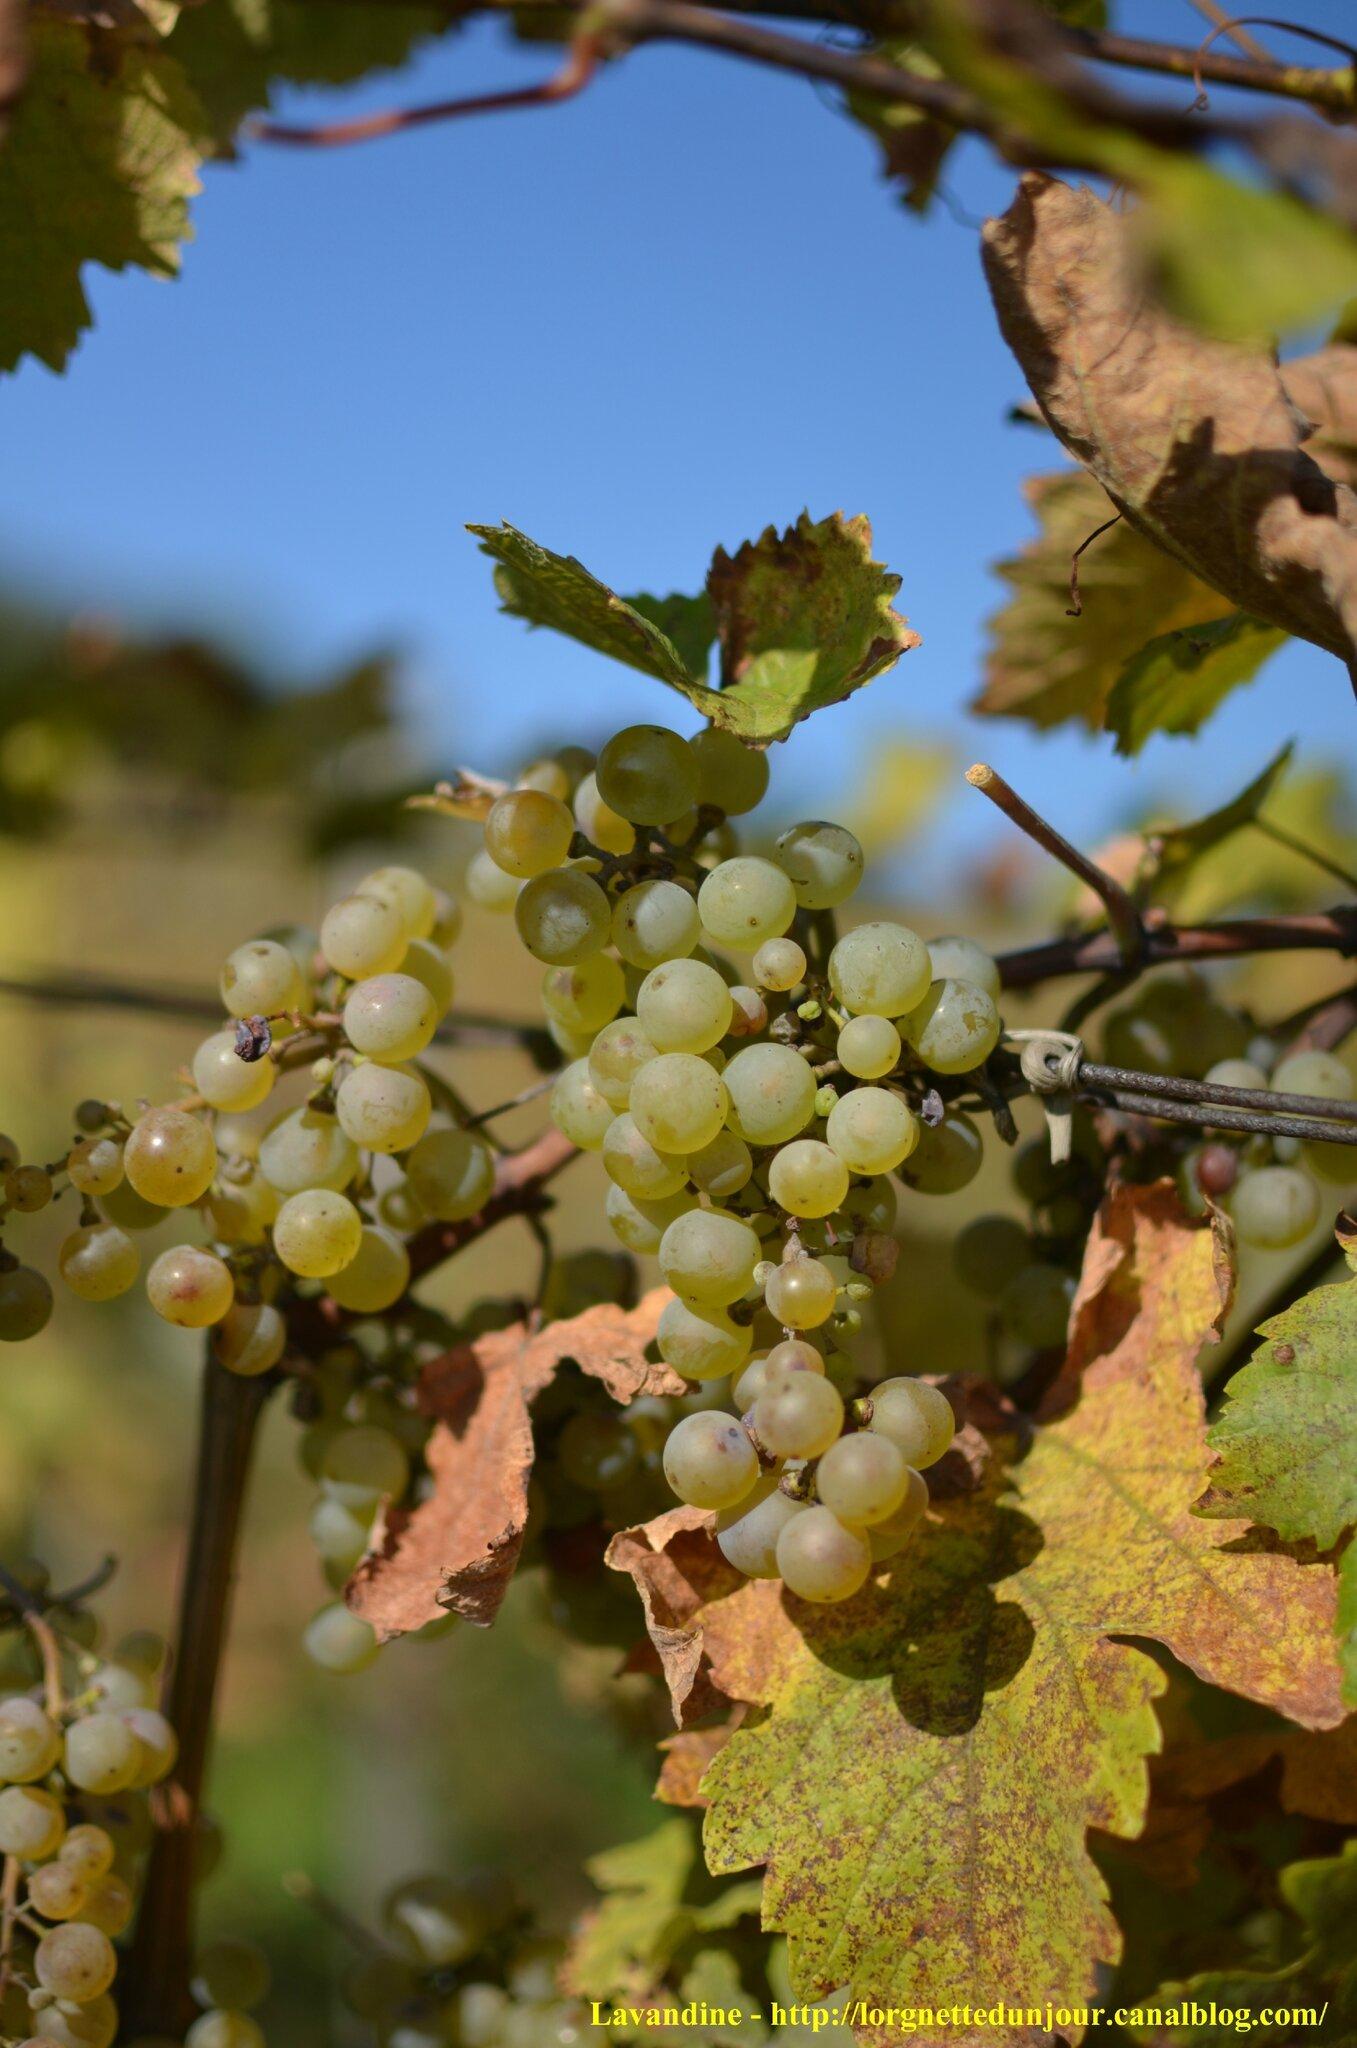 14/10/14 : Dans les vignes au-dessus de Molsheim